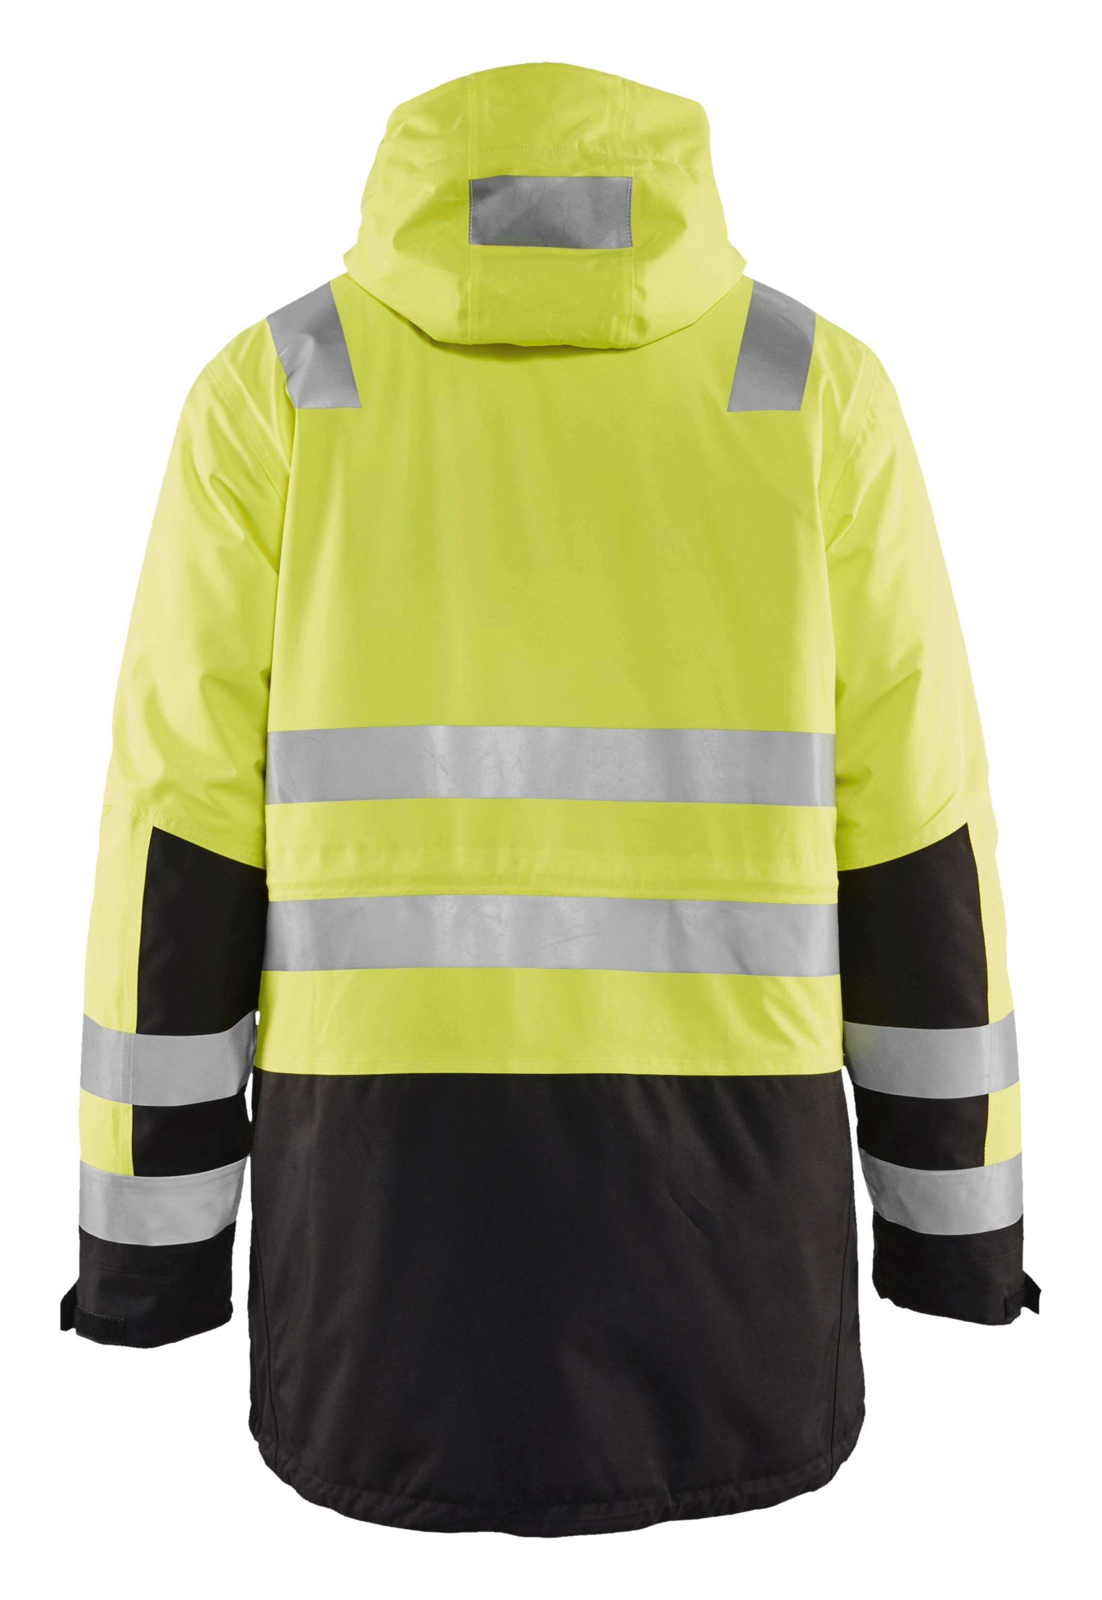 Blaklader Jassen 44951987 High Vis fluo geel-zwart(3399)